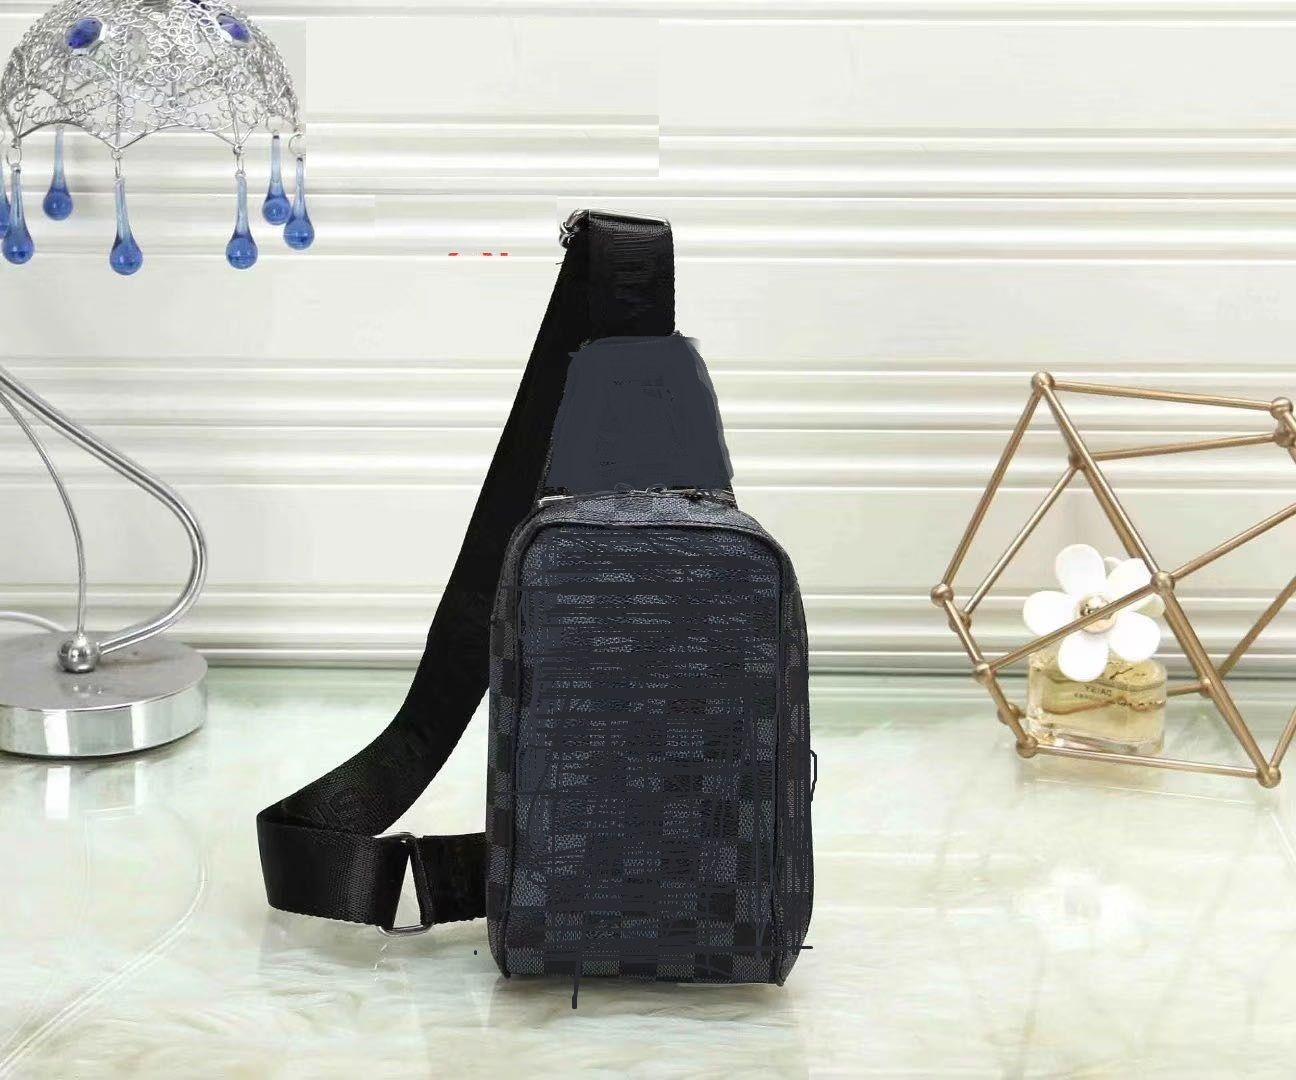 Negro a cuadros bolsas bolso de la honda del pecho MENS bolsa de viaje flor Bumbag bolsa de hombro bolsa de cuero genuino del pecho de mama cuerpo cruz